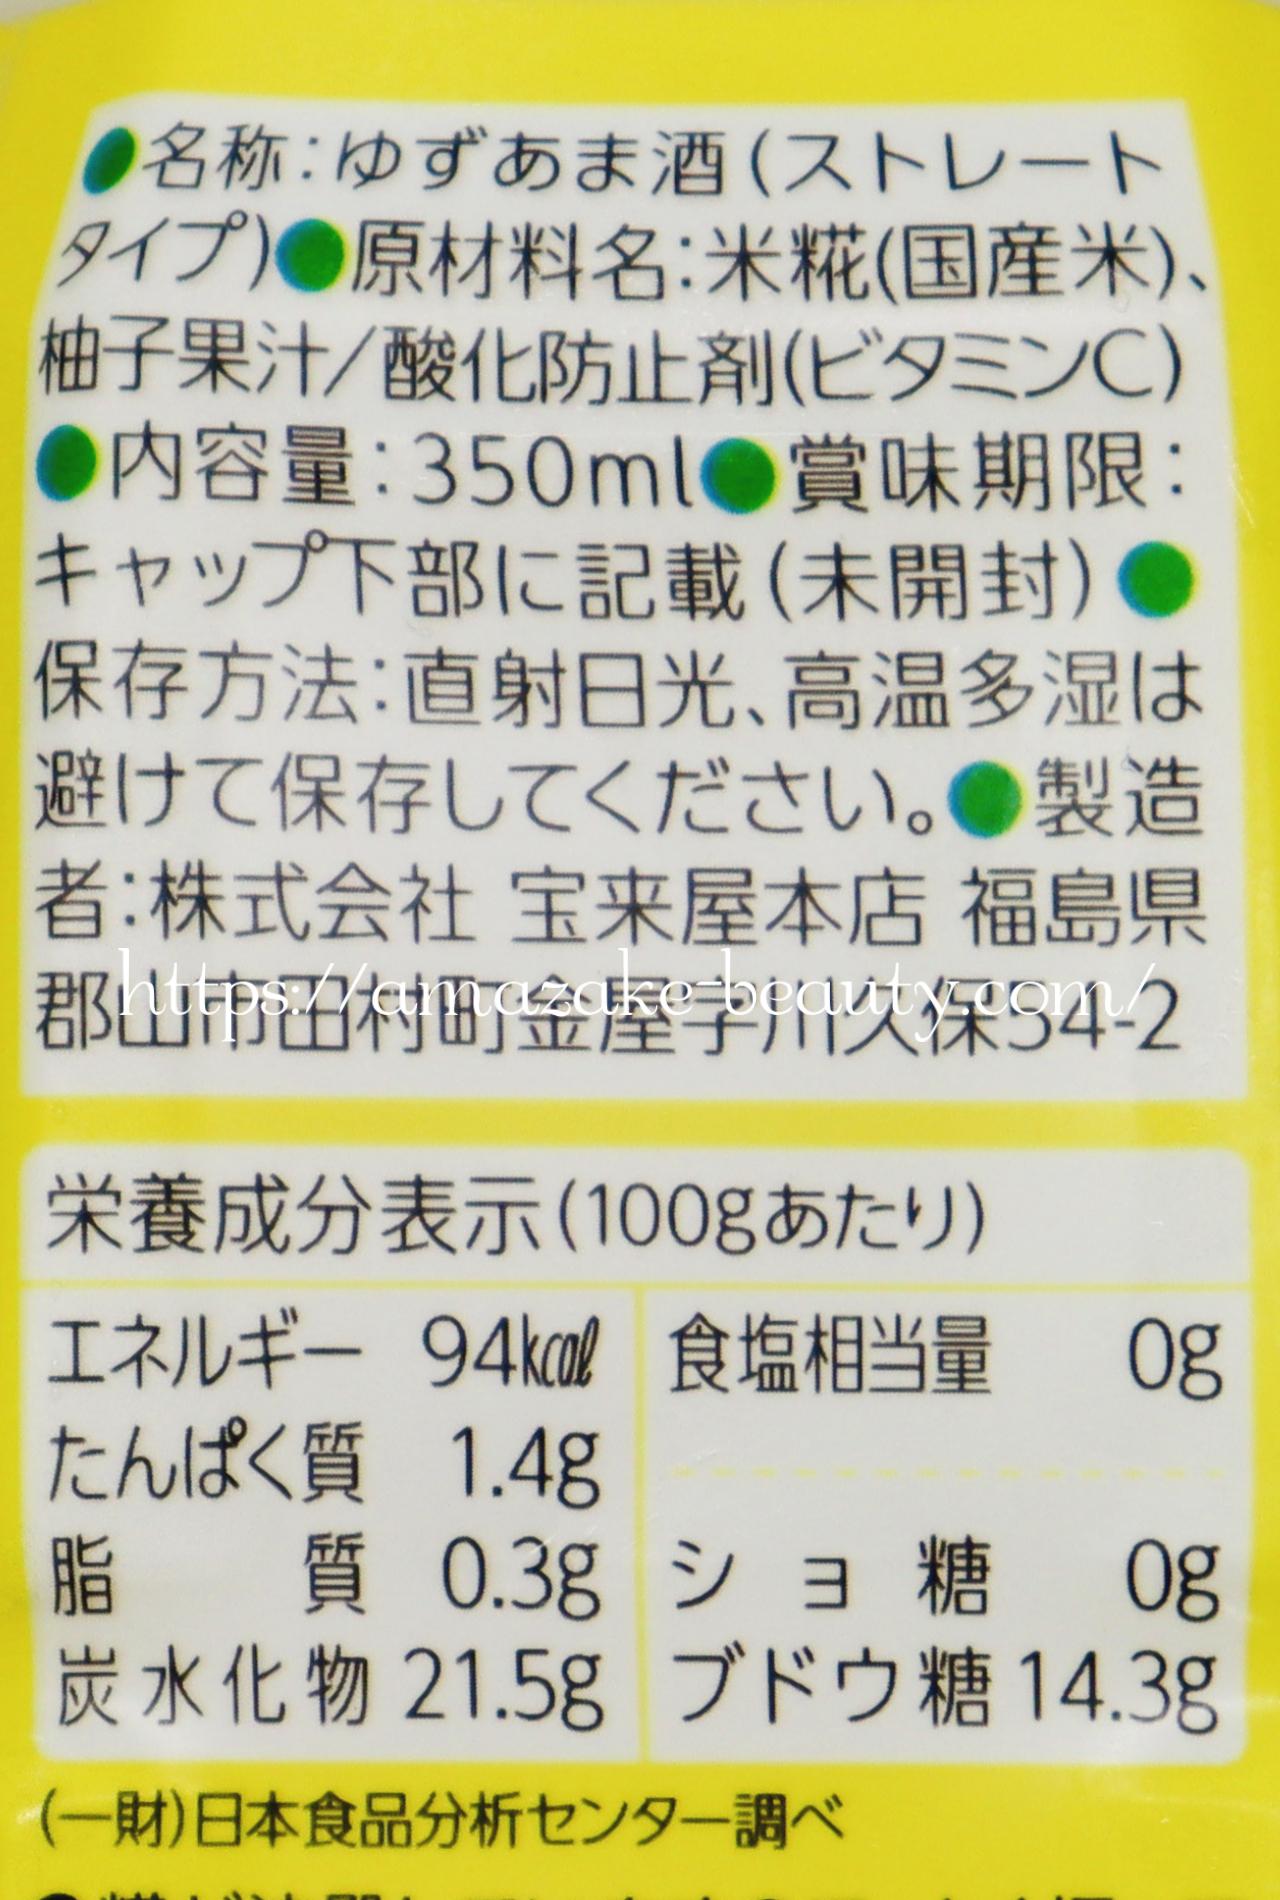 [amazake]horaiya[yuzu amazake](product description)